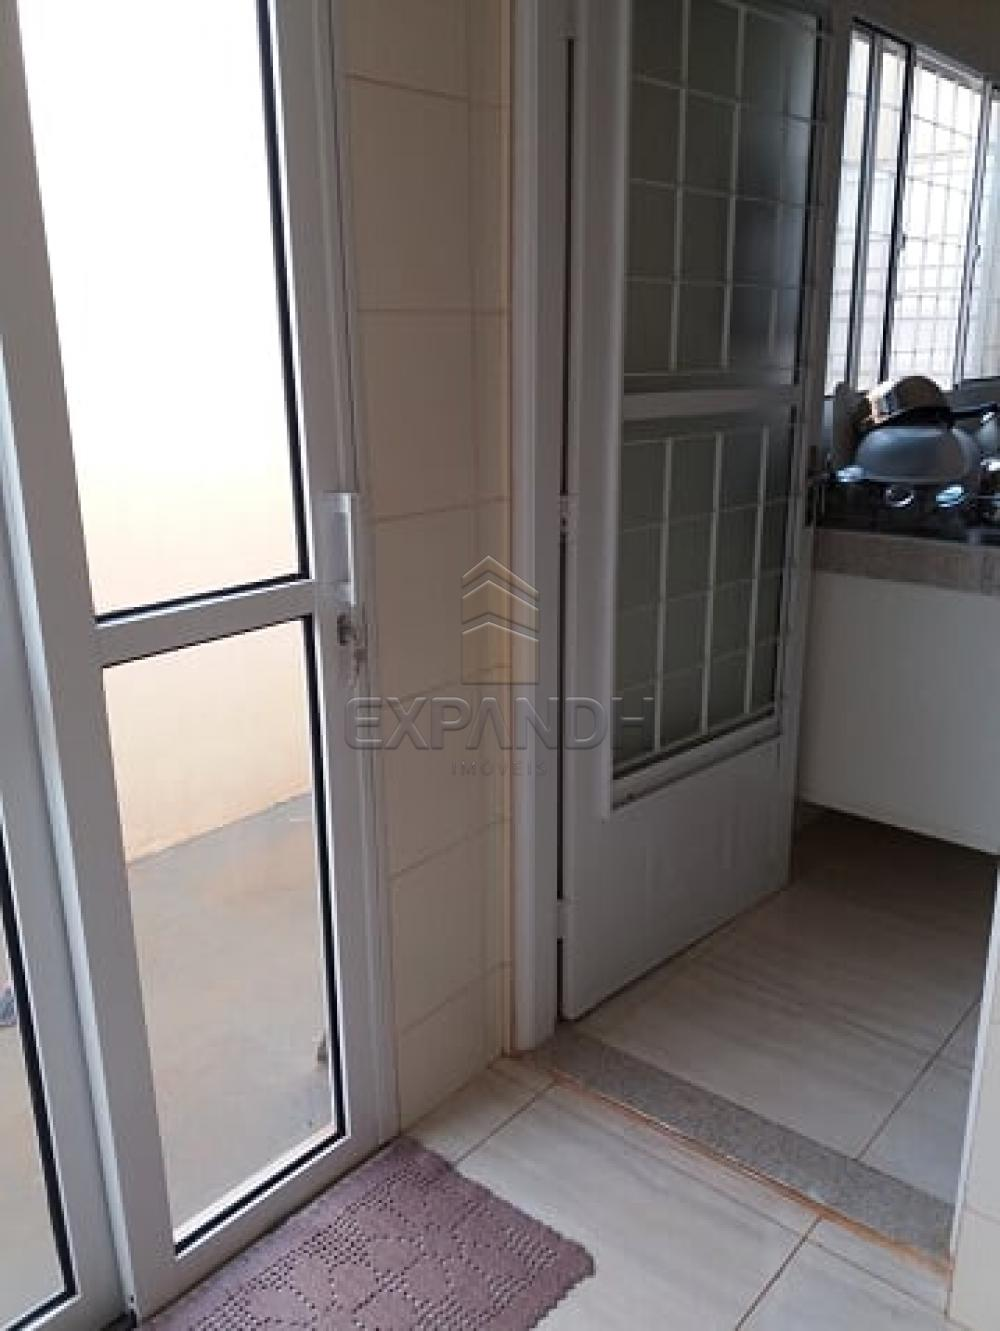 Comprar Casas / Padrão em Sertãozinho R$ 370.000,00 - Foto 9